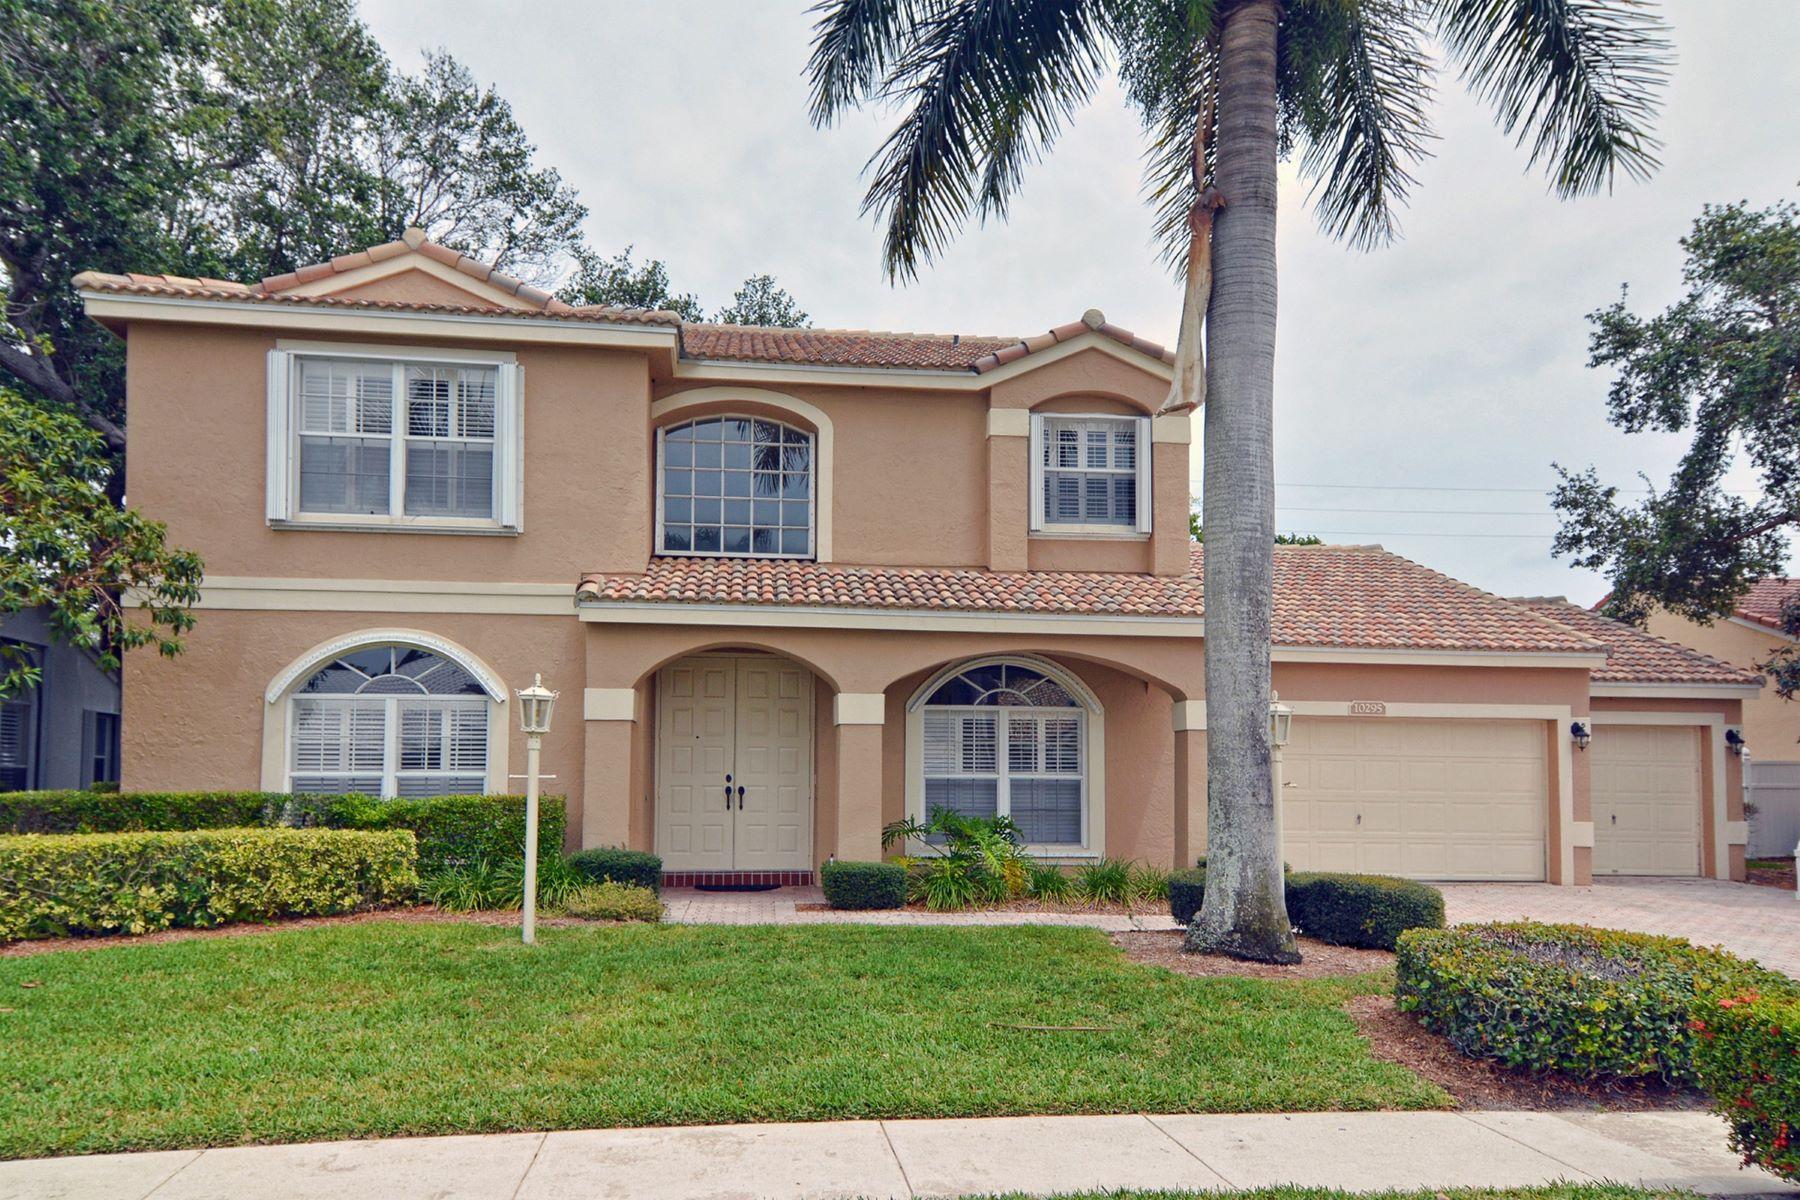 独户住宅 为 销售 在 10295 Allamanda Boulevard Siena Oaks, 棕榈滩花园, 佛罗里达州, 33410 美国